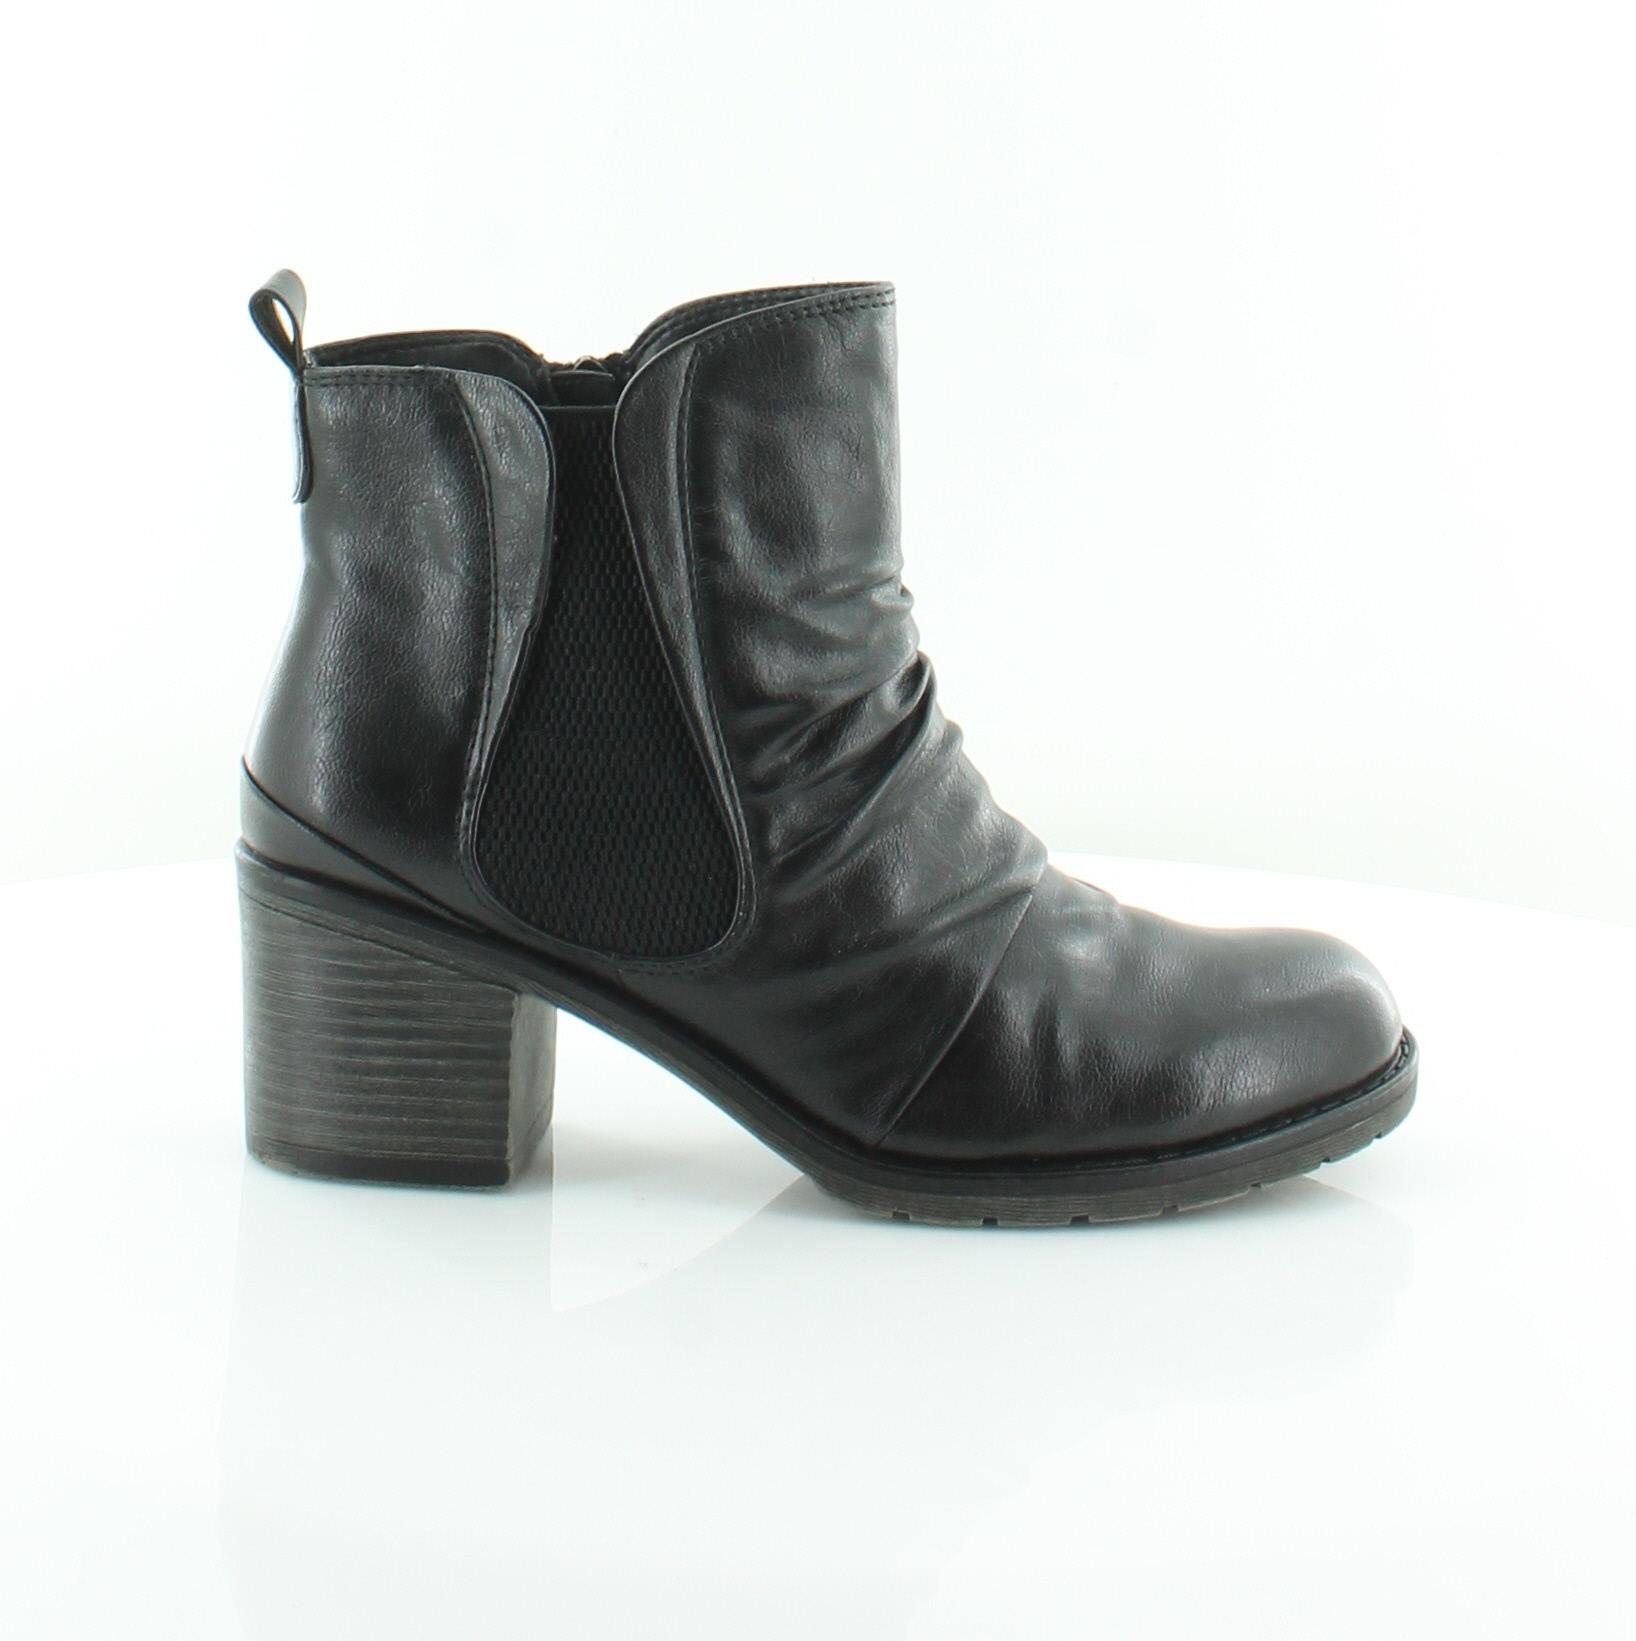 BareTraps Drennan Women's Boots Black Size 6.5 M